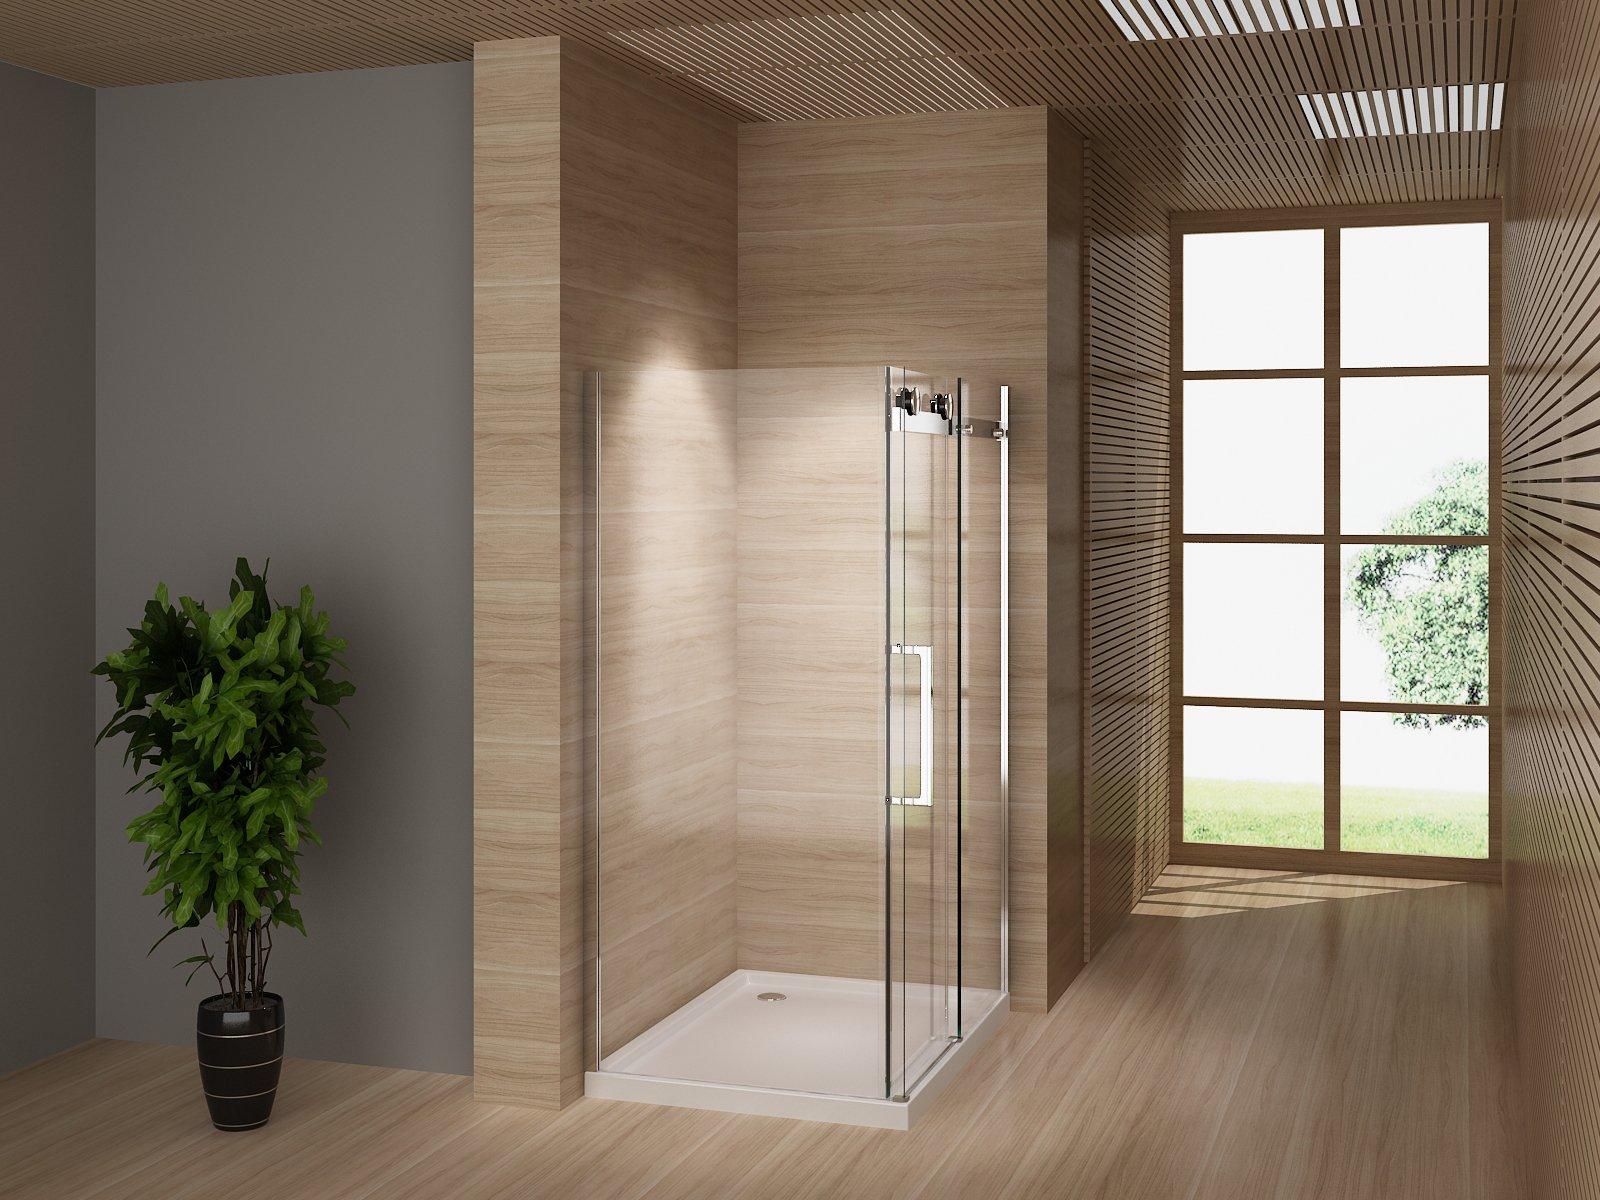 Cabina de ducha 120 x 80 Mampara de ducha puerta corredera con ducha Taza templado de 8 mm con ruedas: Amazon.es: Bricolaje y herramientas